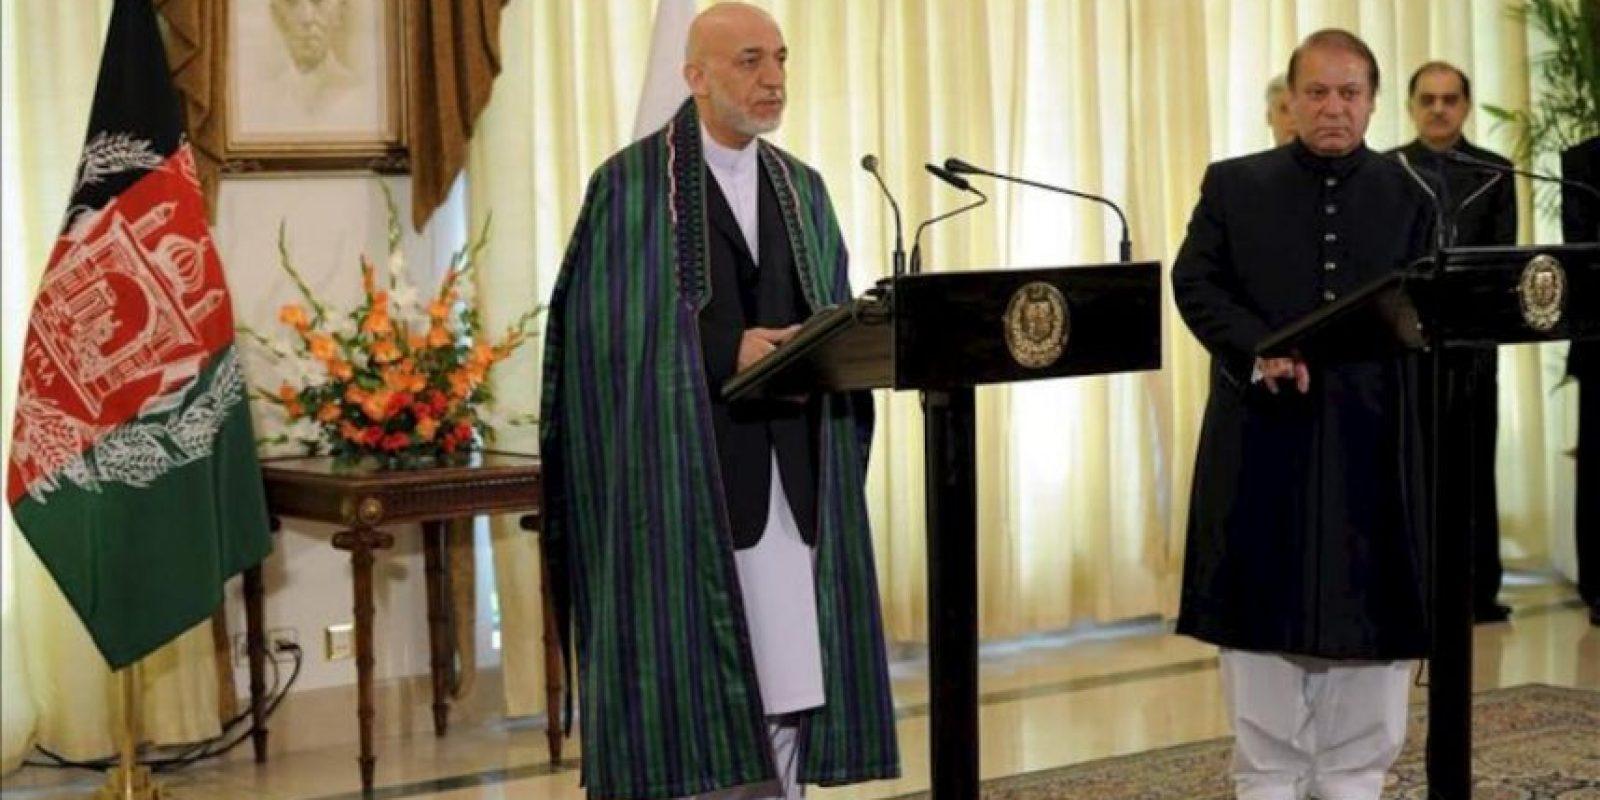 El presidente de Afganistán, Hamid Karzai (i), y el primer ministro de Pakistán, Nawaz Sharif, ofrecen una rueda de prensa conjunta, durante su visita a Islamabad (Pakistán). Karzai comenzó hoy una visita a Pakistán donde se reunirá con el Gobierno de Islamabad para pedir la liberación de presos talibanes y poner en marcha un diálogo con los insurgentes. EFE